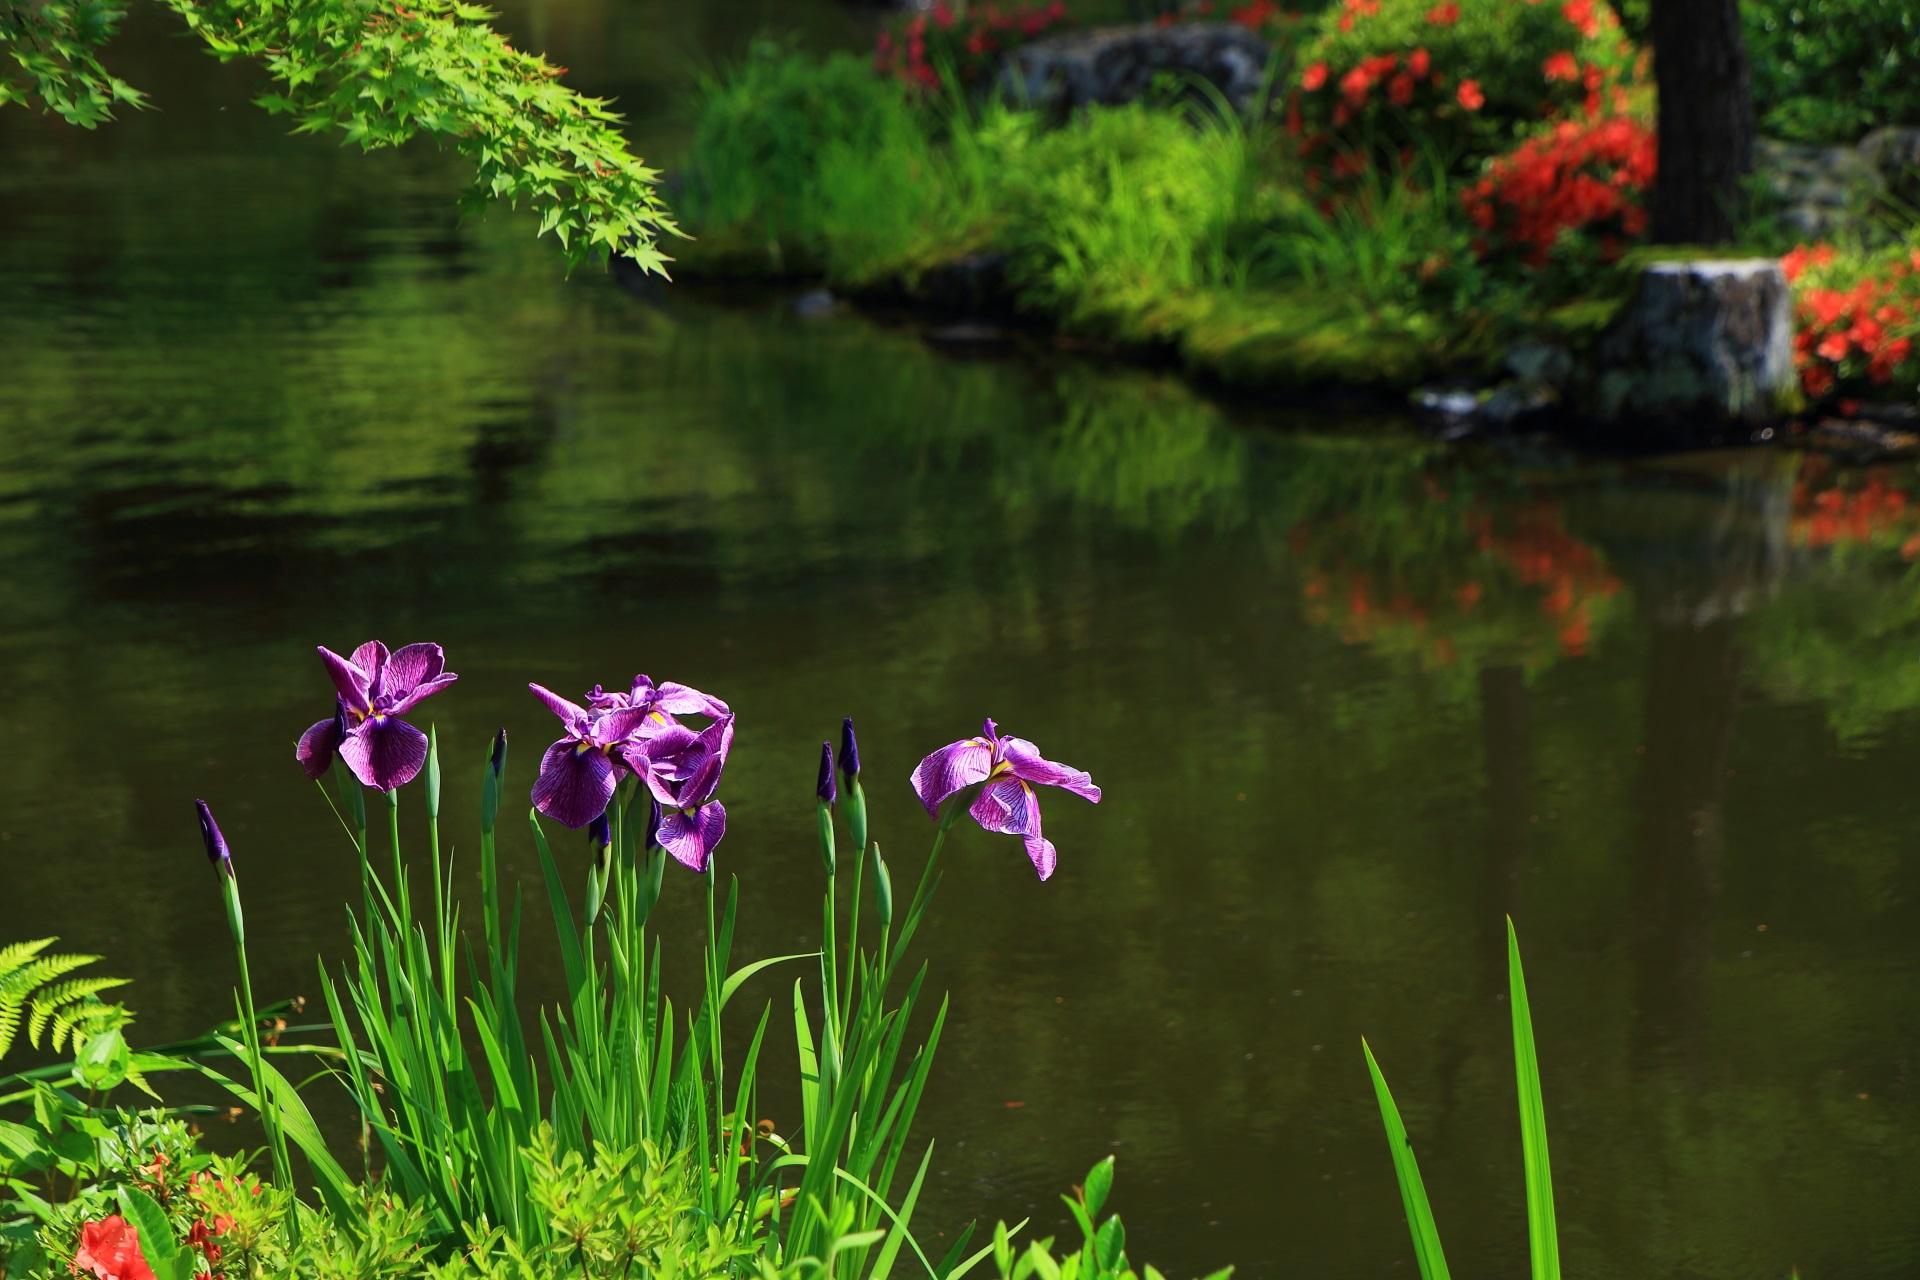 等持院の心字池のサツキと花菖蒲(ハナショウブ)の鮮やかな春色の競演